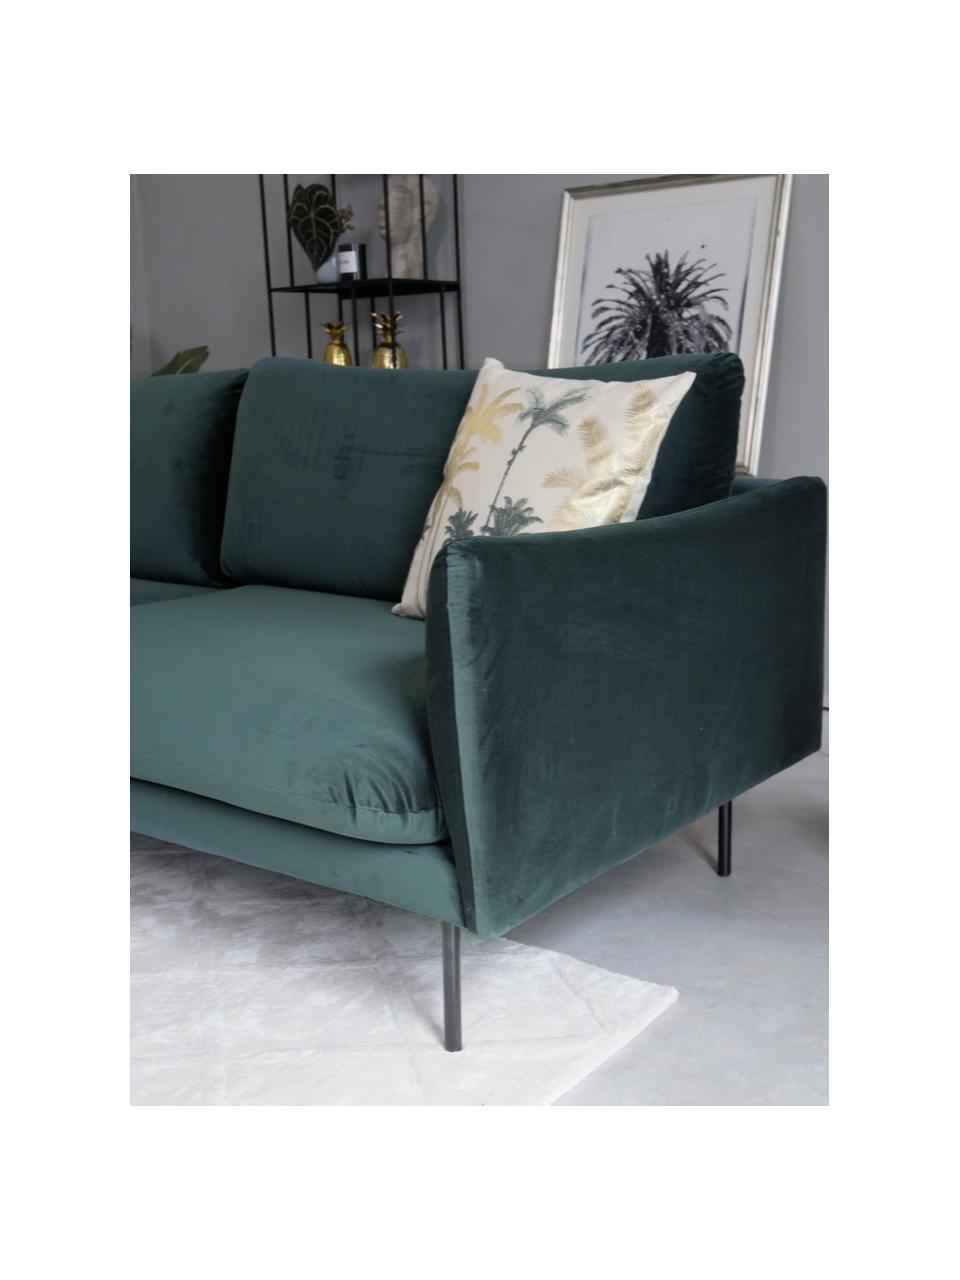 Canapé 3places velours vert foncé pieds en métal Moby, Velours vert foncé